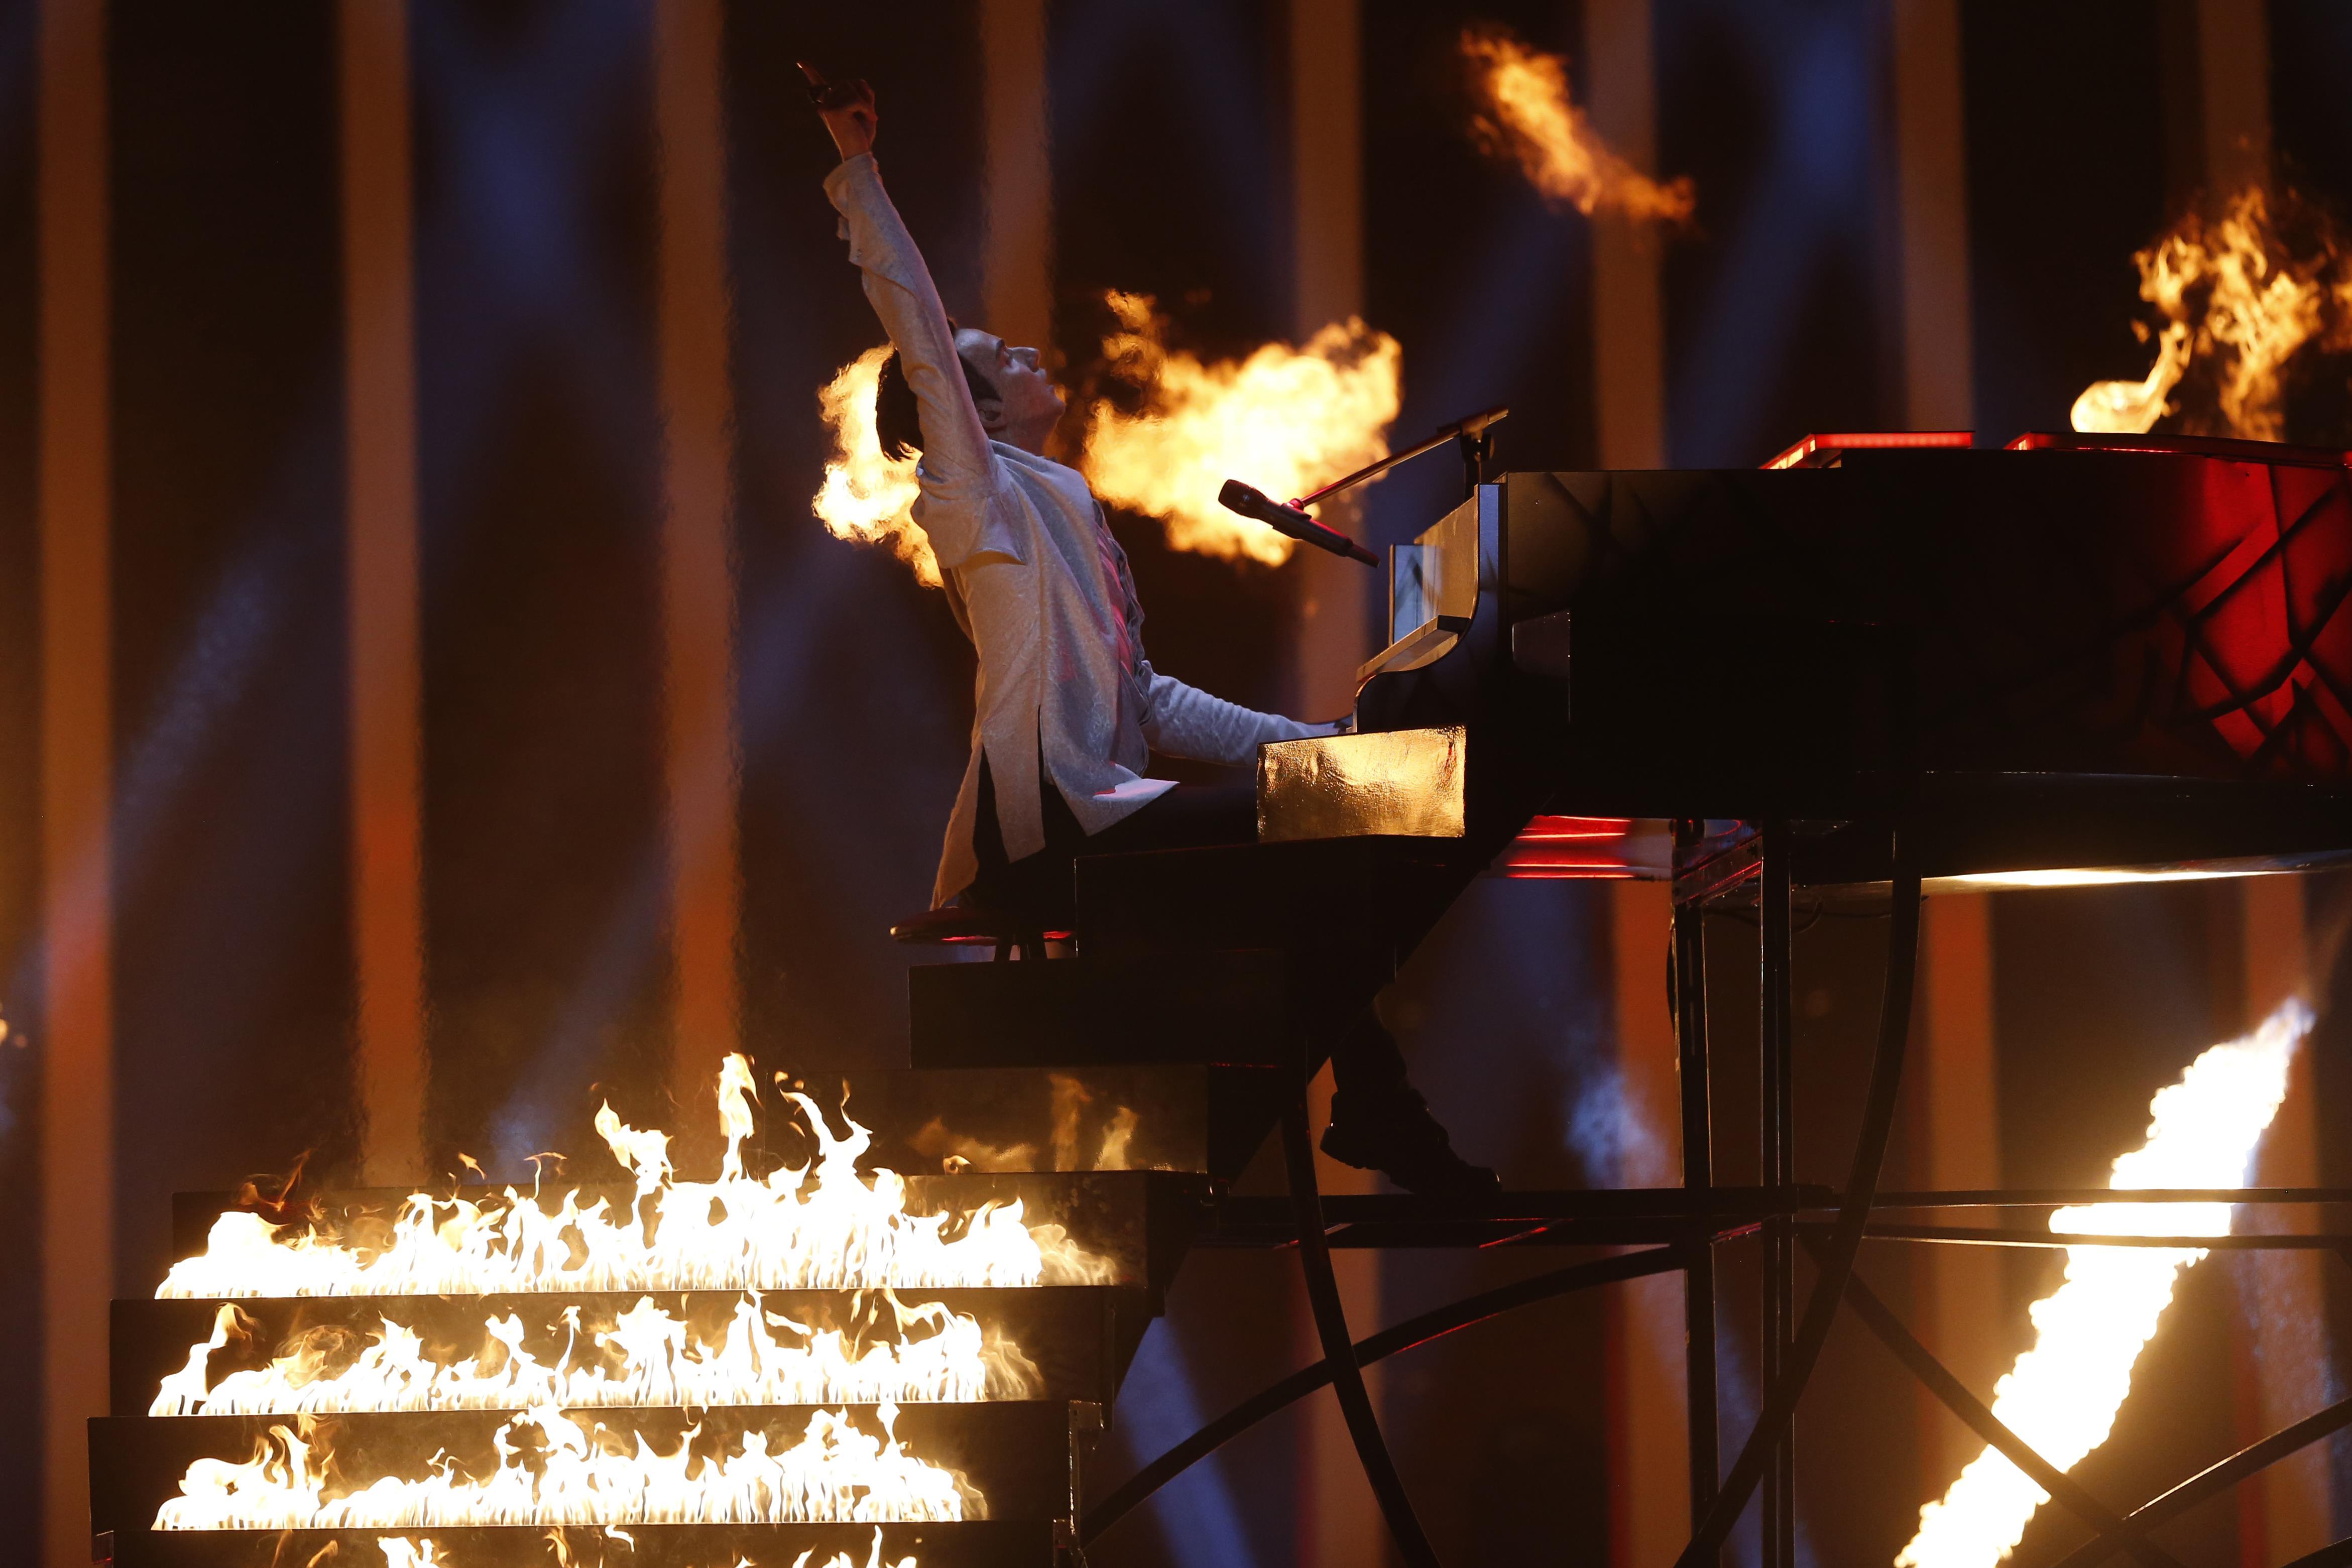 В финале Евровидения выступит представитель Украины - Melovin